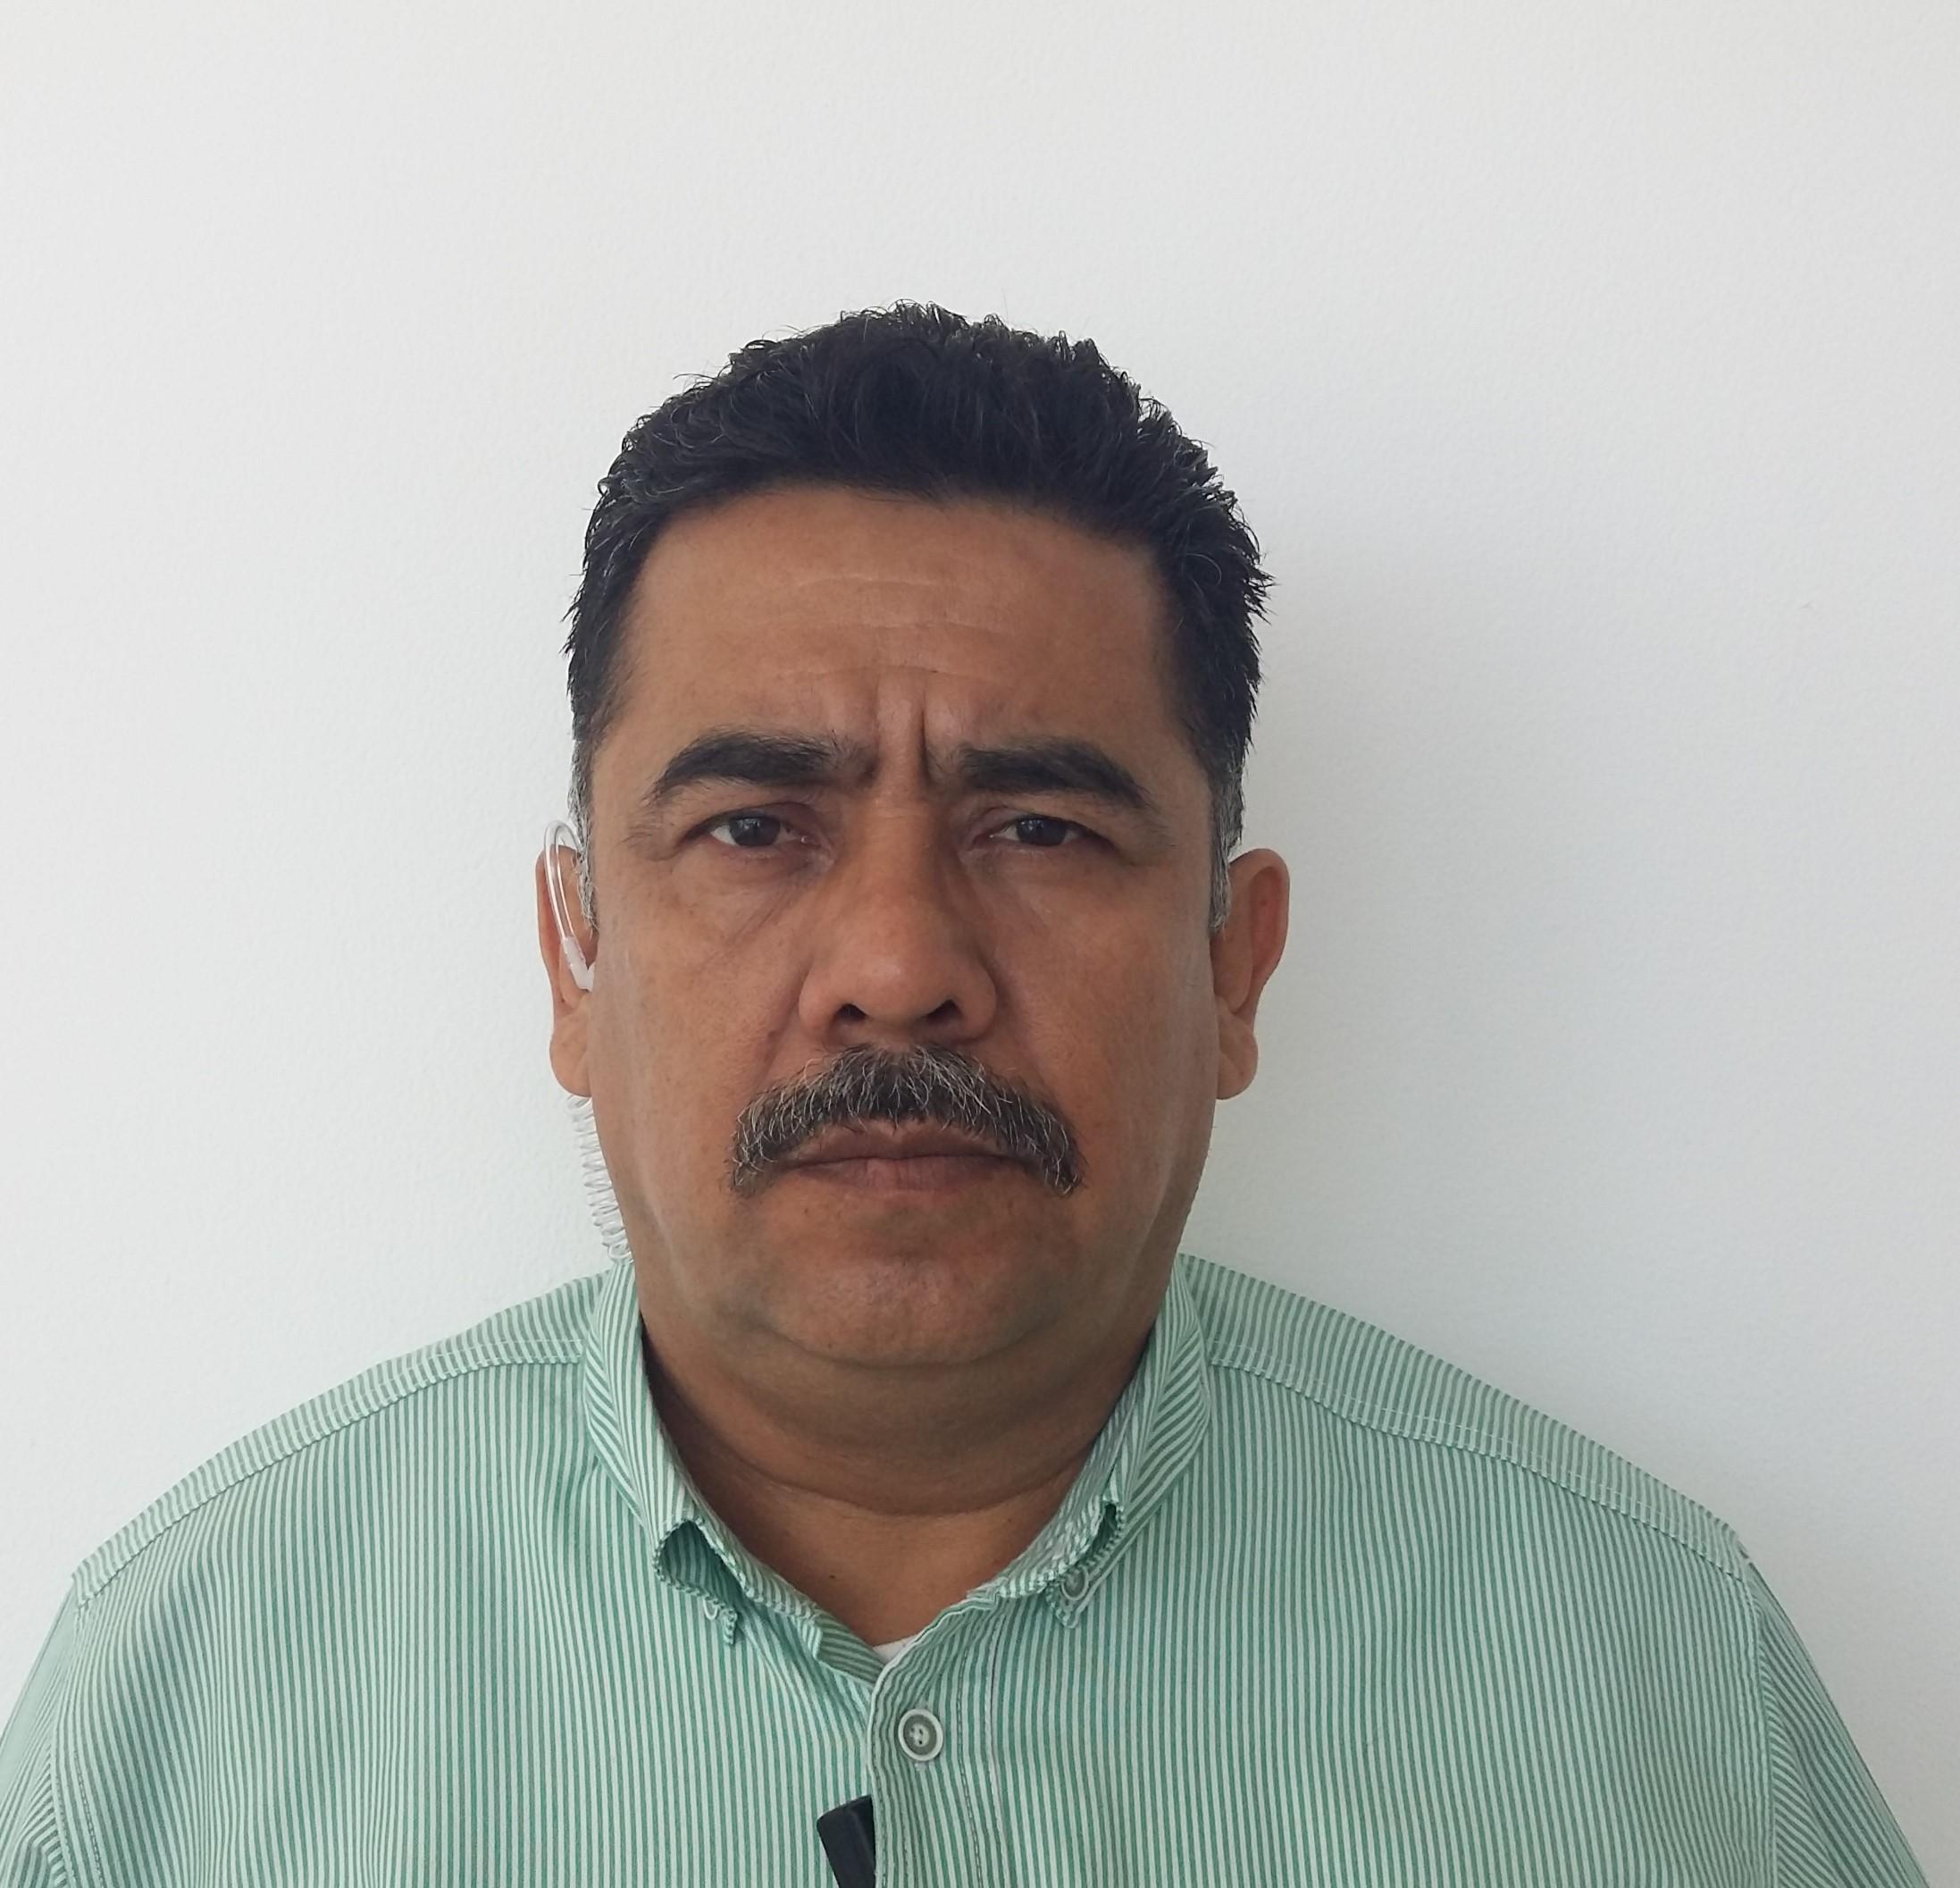 Jesus Escobar